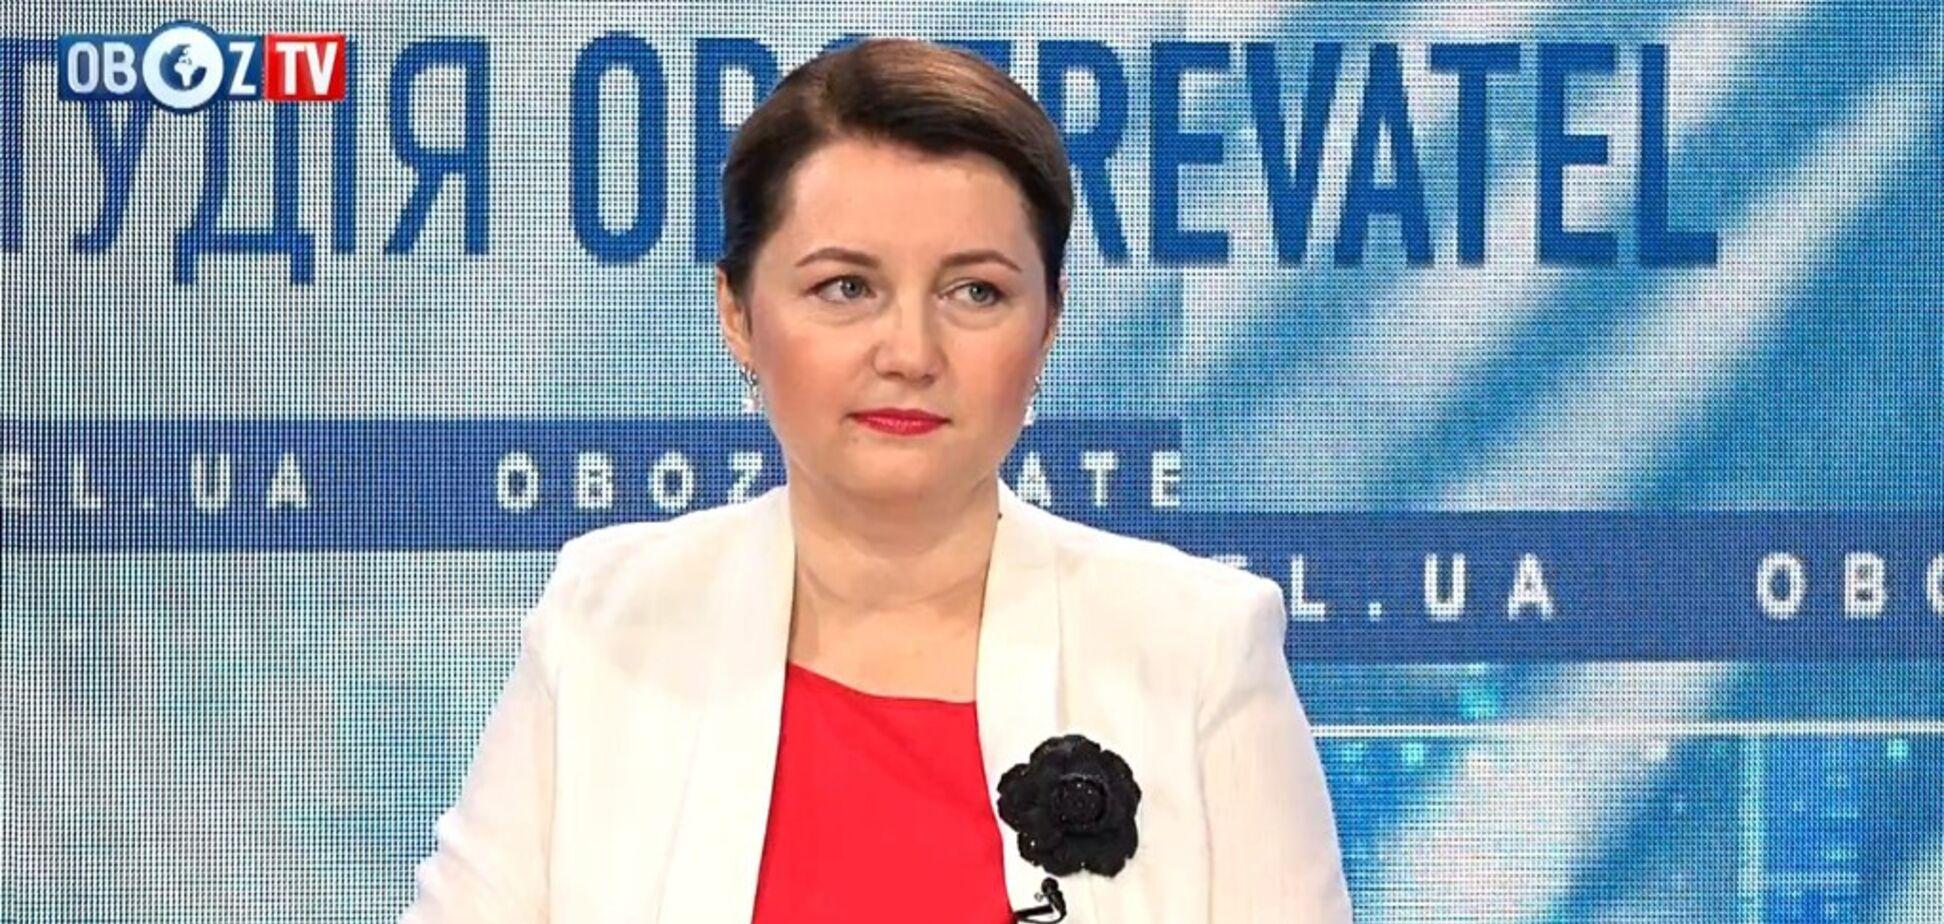 'Нафтогаз' себе оставляет 40 млрд от транзита': названы угрозы для украинской ГТС